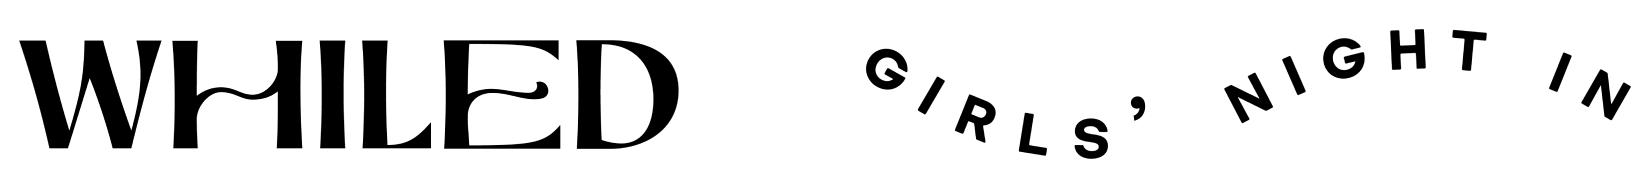 No Plans, Inc. logo